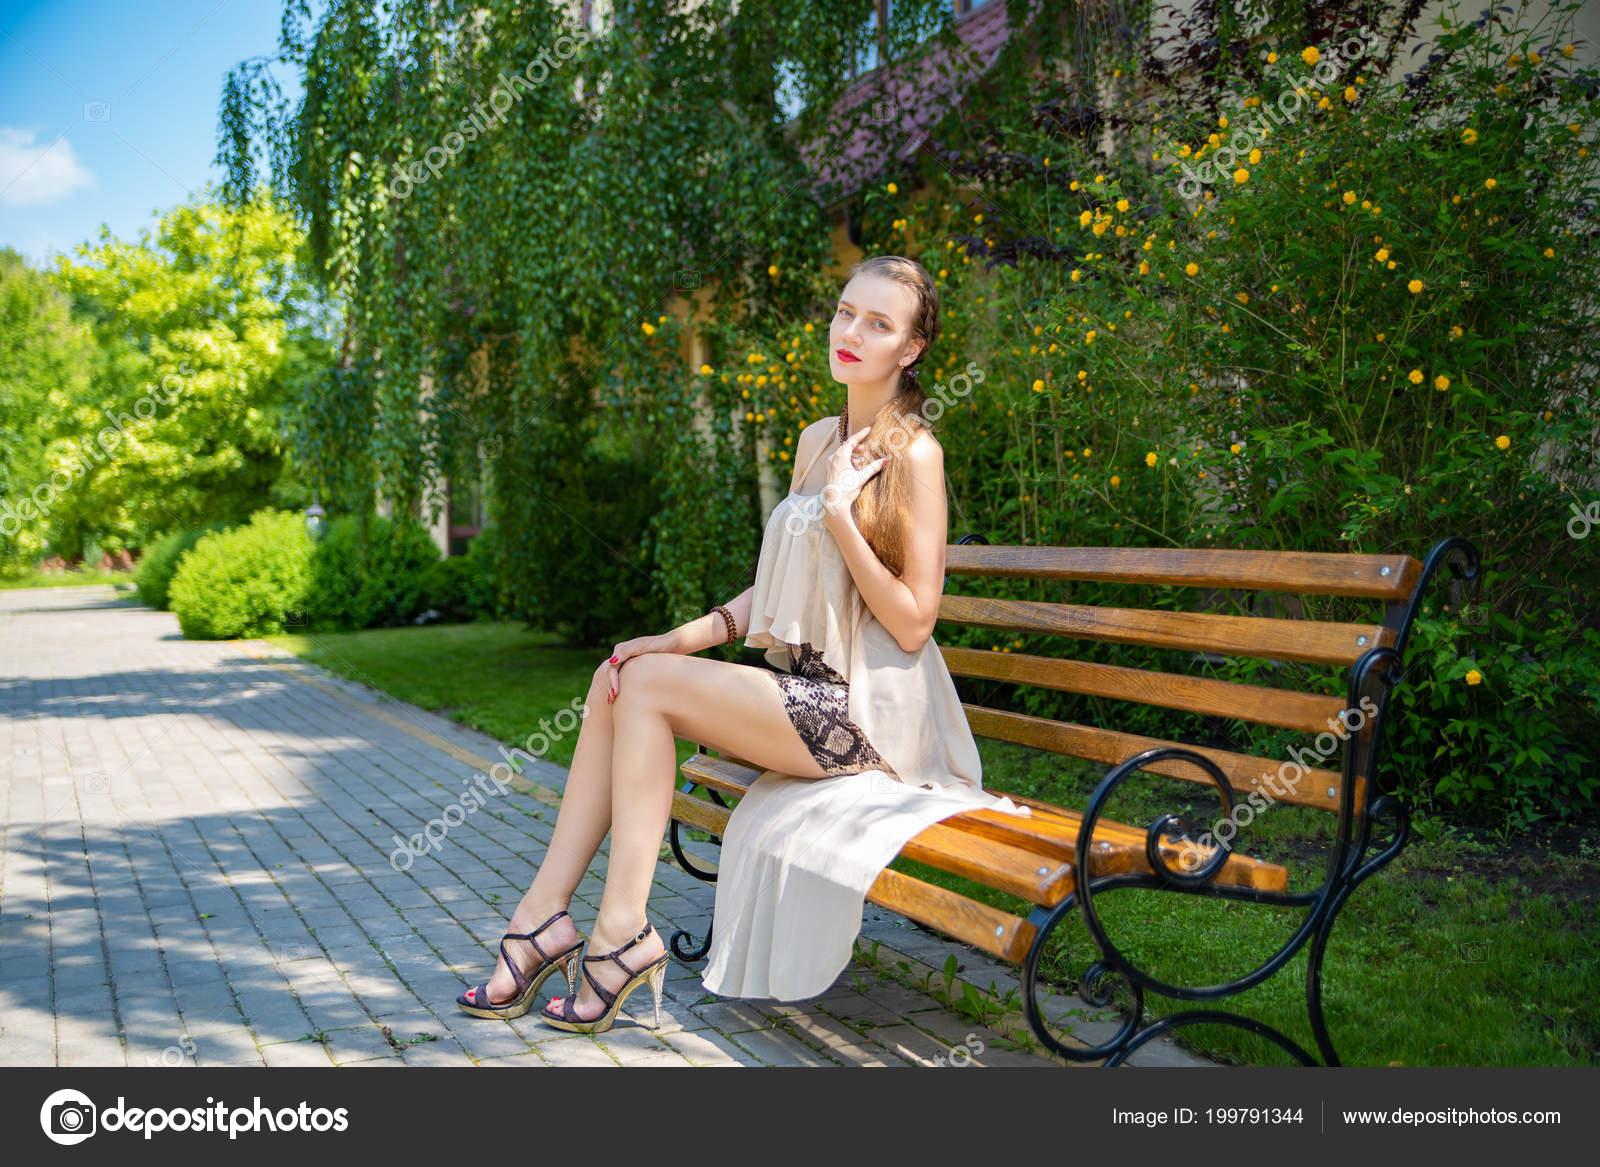 devushki-sidyat-v-yubkah-foto-luchshie-glamurnie-eroticheskie-foto